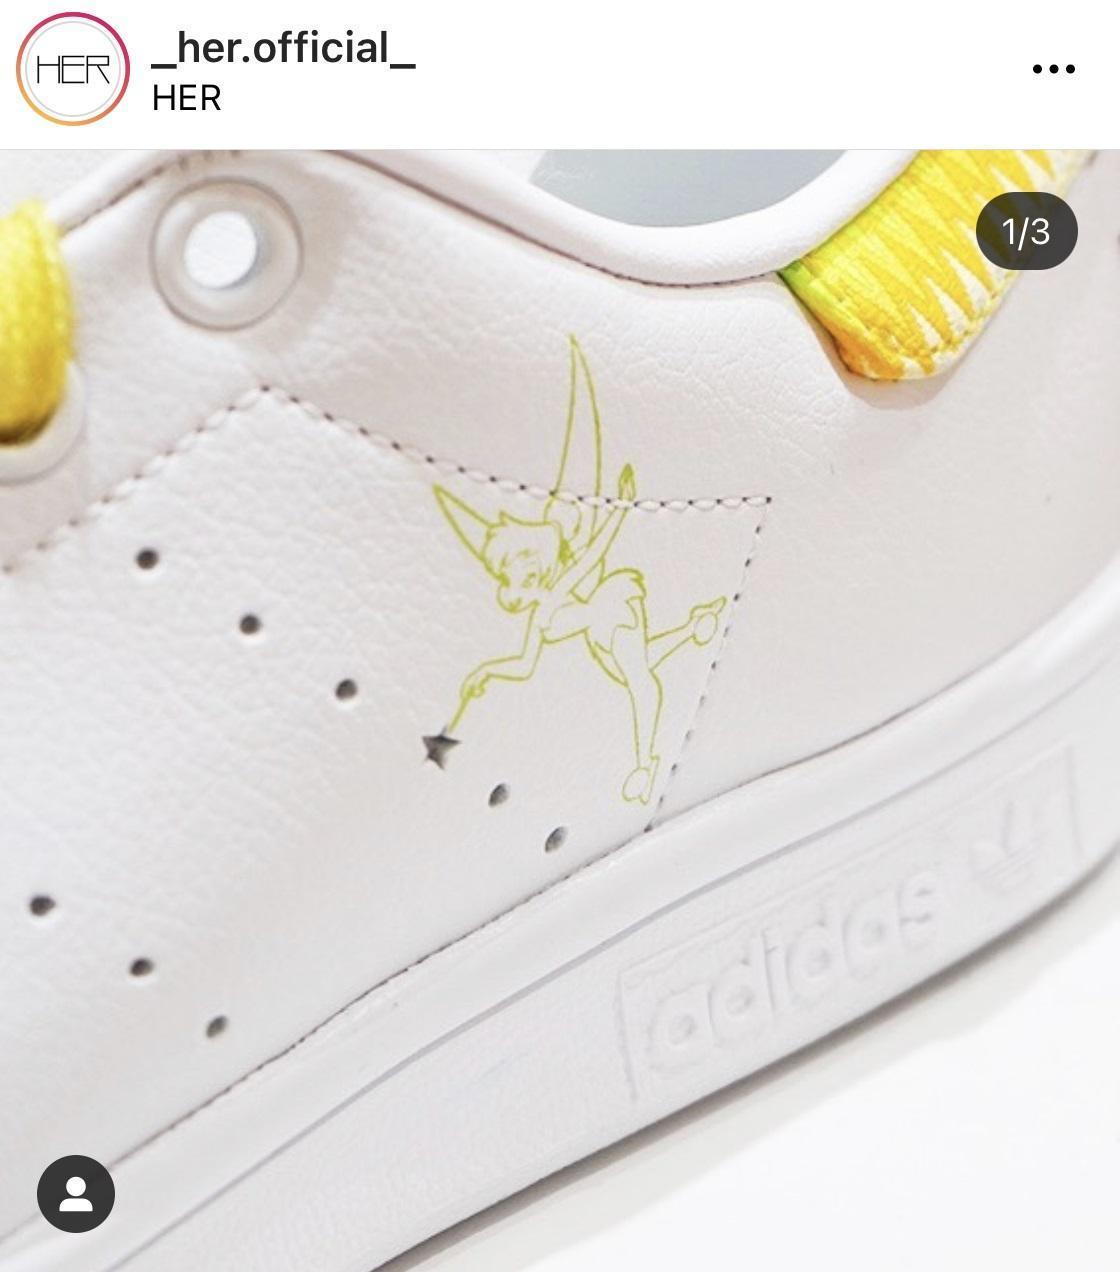 徐濠縈經營之服裝店,正悄悄賣起adidas與迪士尼聯名的款式。(翻攝自徐濠縈IG)